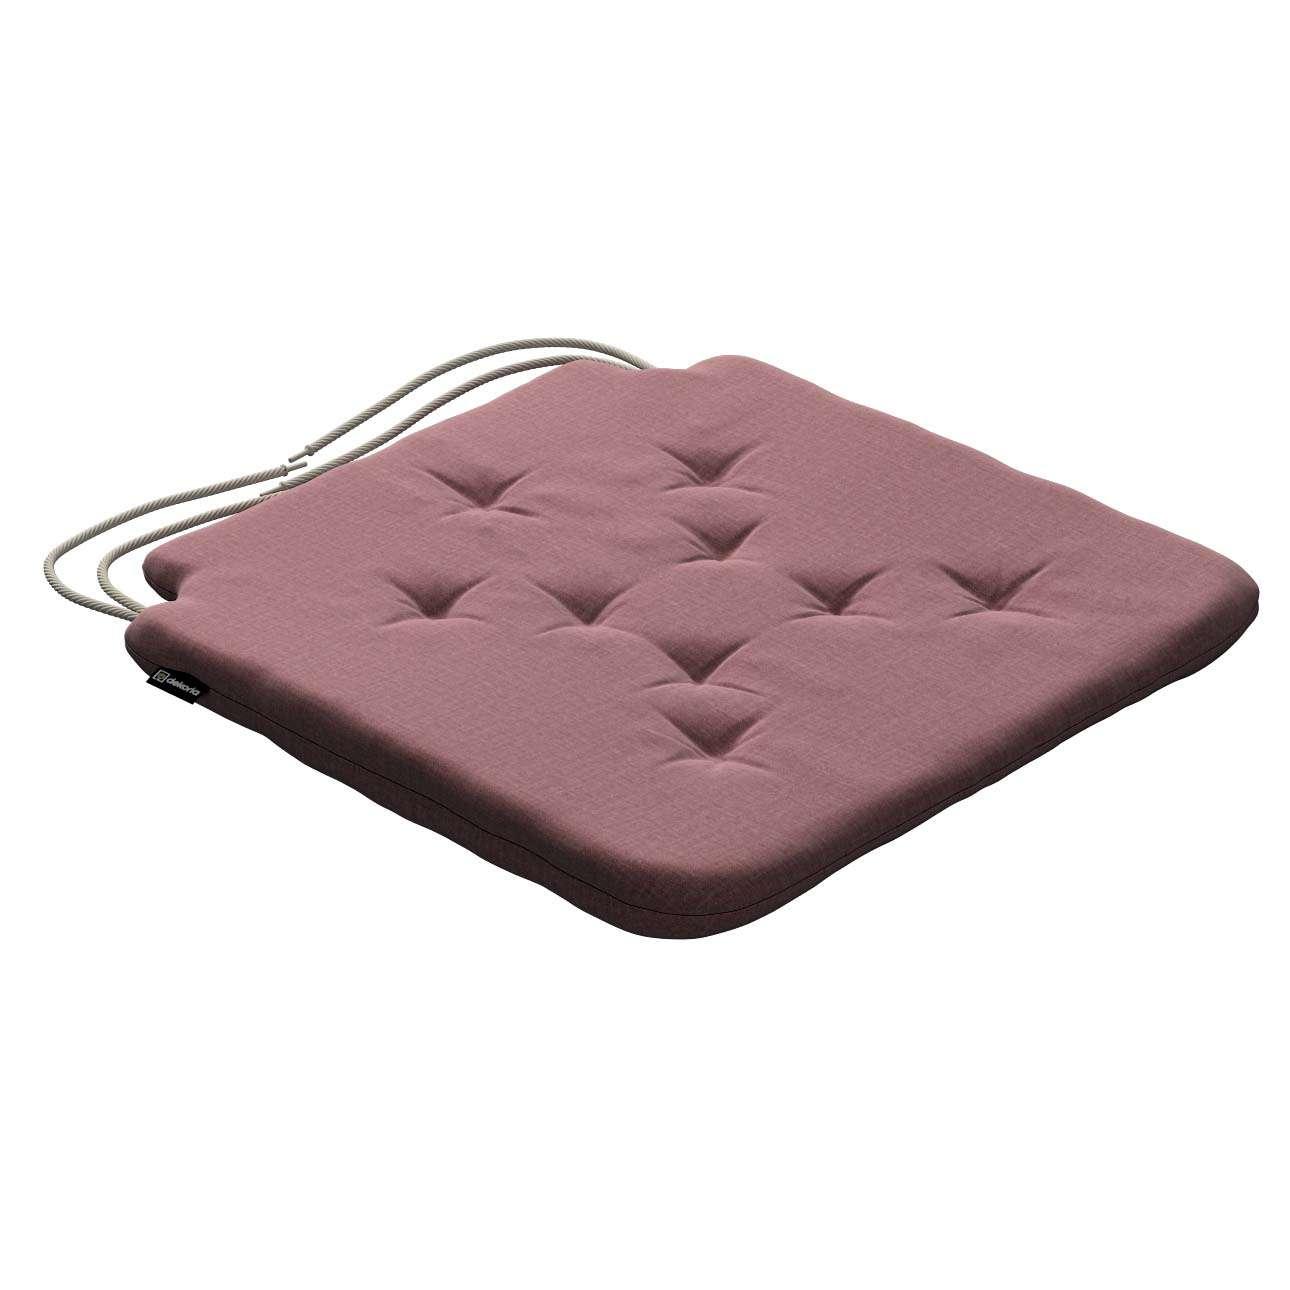 Siedzisko Olek na krzesło w kolekcji Ingrid, tkanina: 705-38